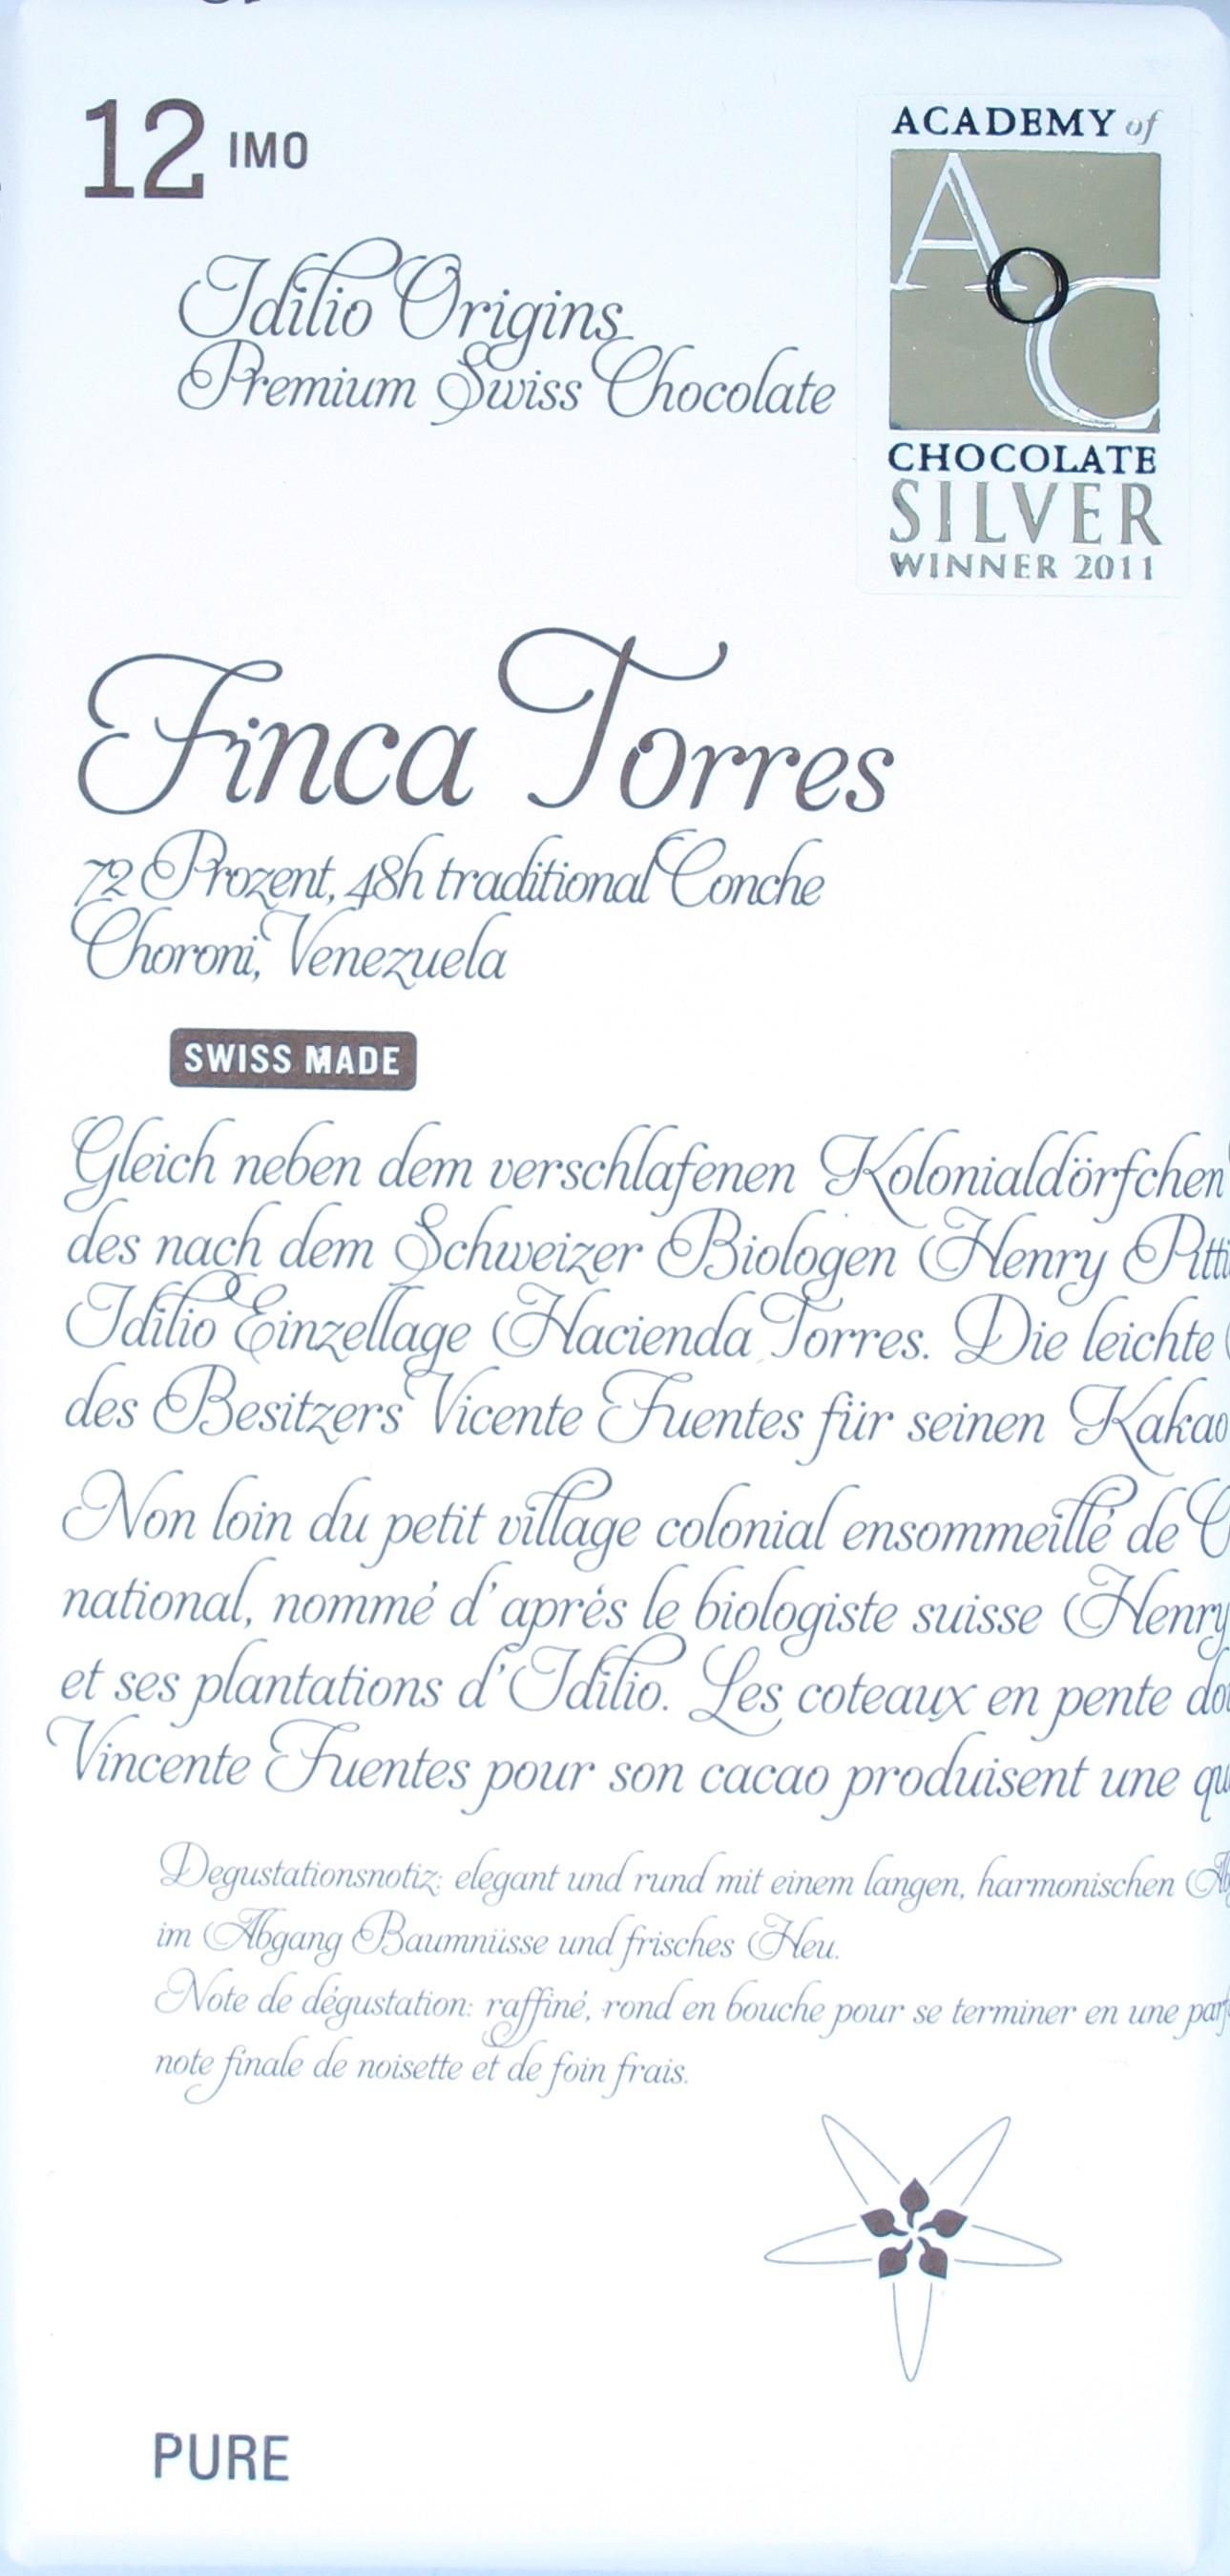 Bitterschokolade 'Finca Torres' von Idilio (Schweiz)